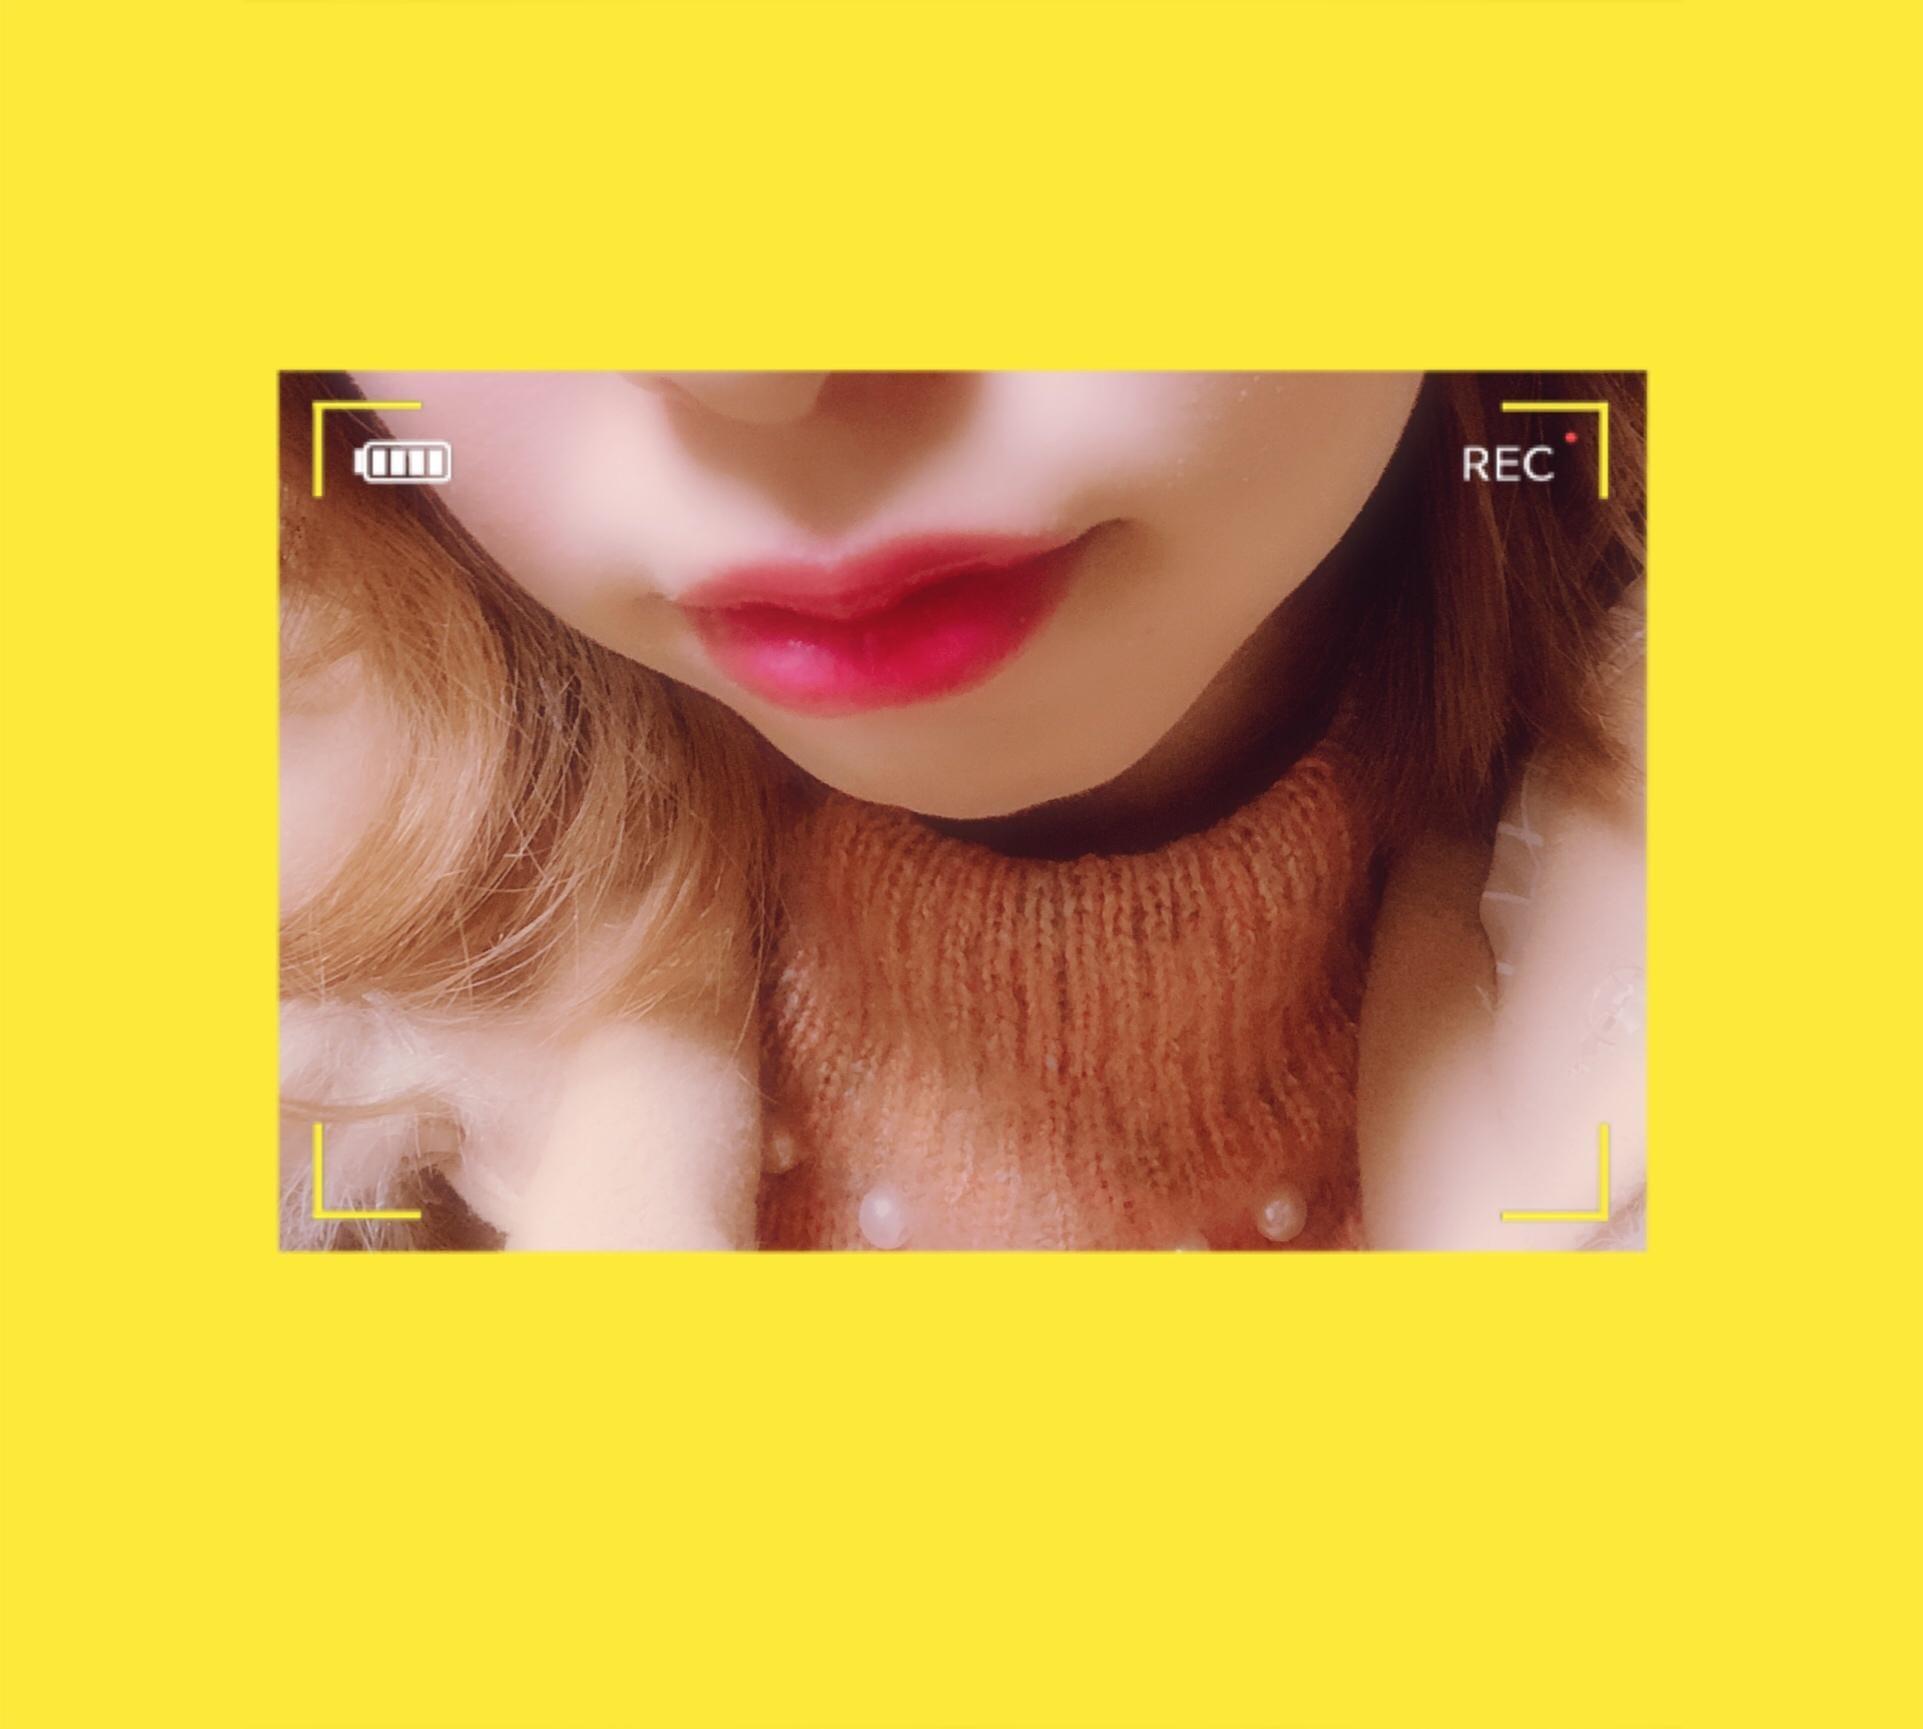 「⸜( ˙▿˙ )⸝」02/22(金) 20:06 | あかりの写メ・風俗動画